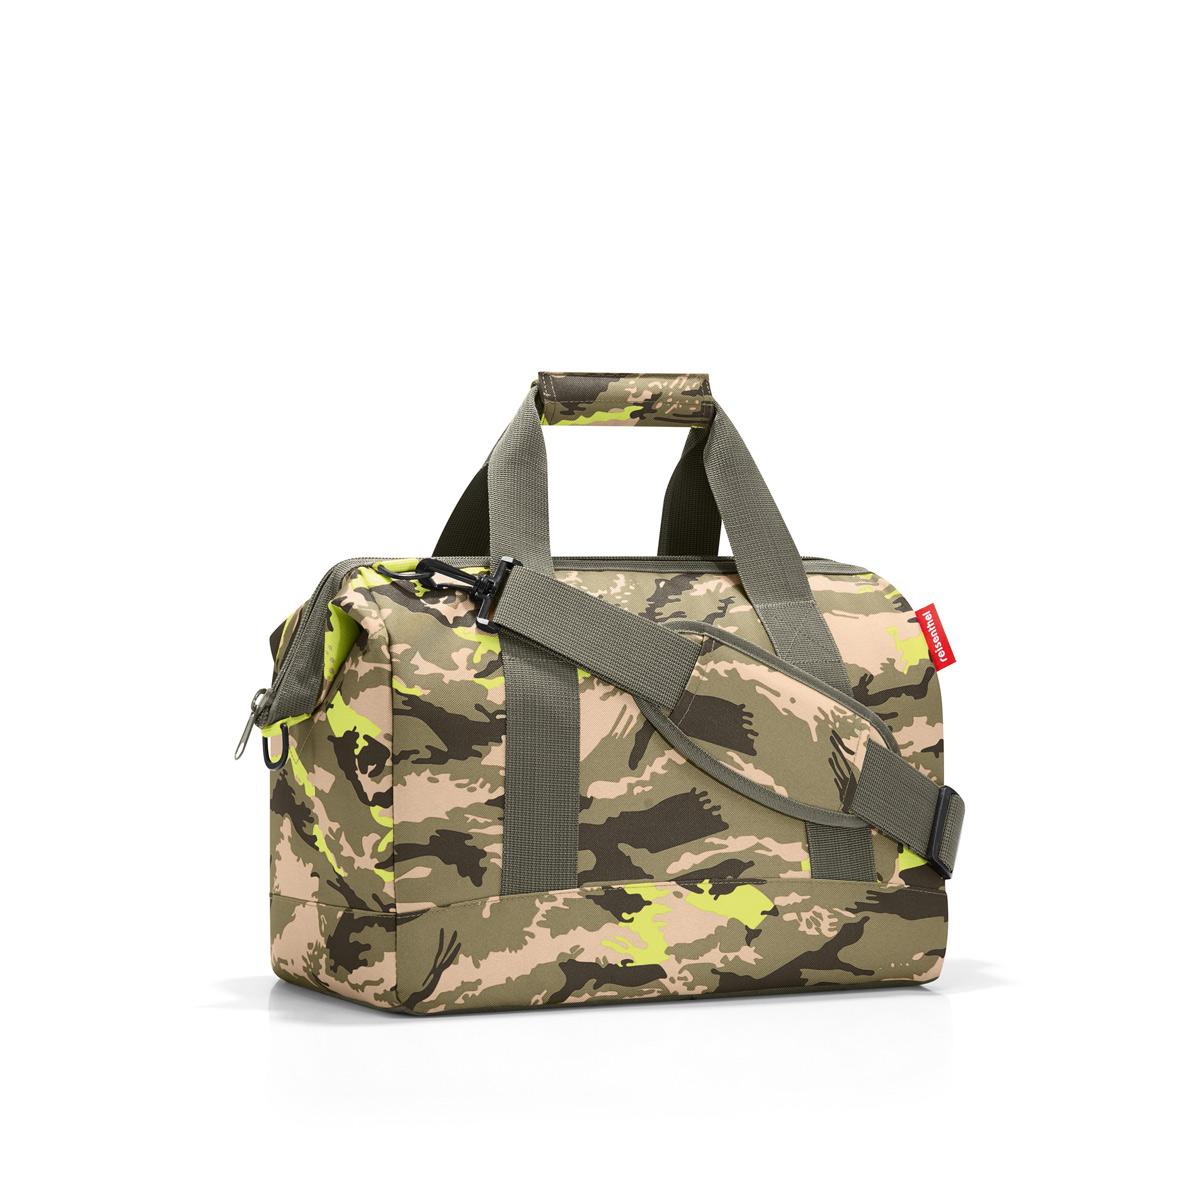 Сумка Reisenthel Allrounder М camouflage, цвет: зеленый, бежевый. MS5034MS5034Практичная сумка для спорта и путешествий. Приятные объемные стенки и дно создают силуэт, напоминающий старинные врачебные сумки - встроенные металлические скобы фиксируют сумку в открытом положении; - 6 внутренних карманов; - две удобные ручки и регулируемый ремень; - объем – 18 литров.